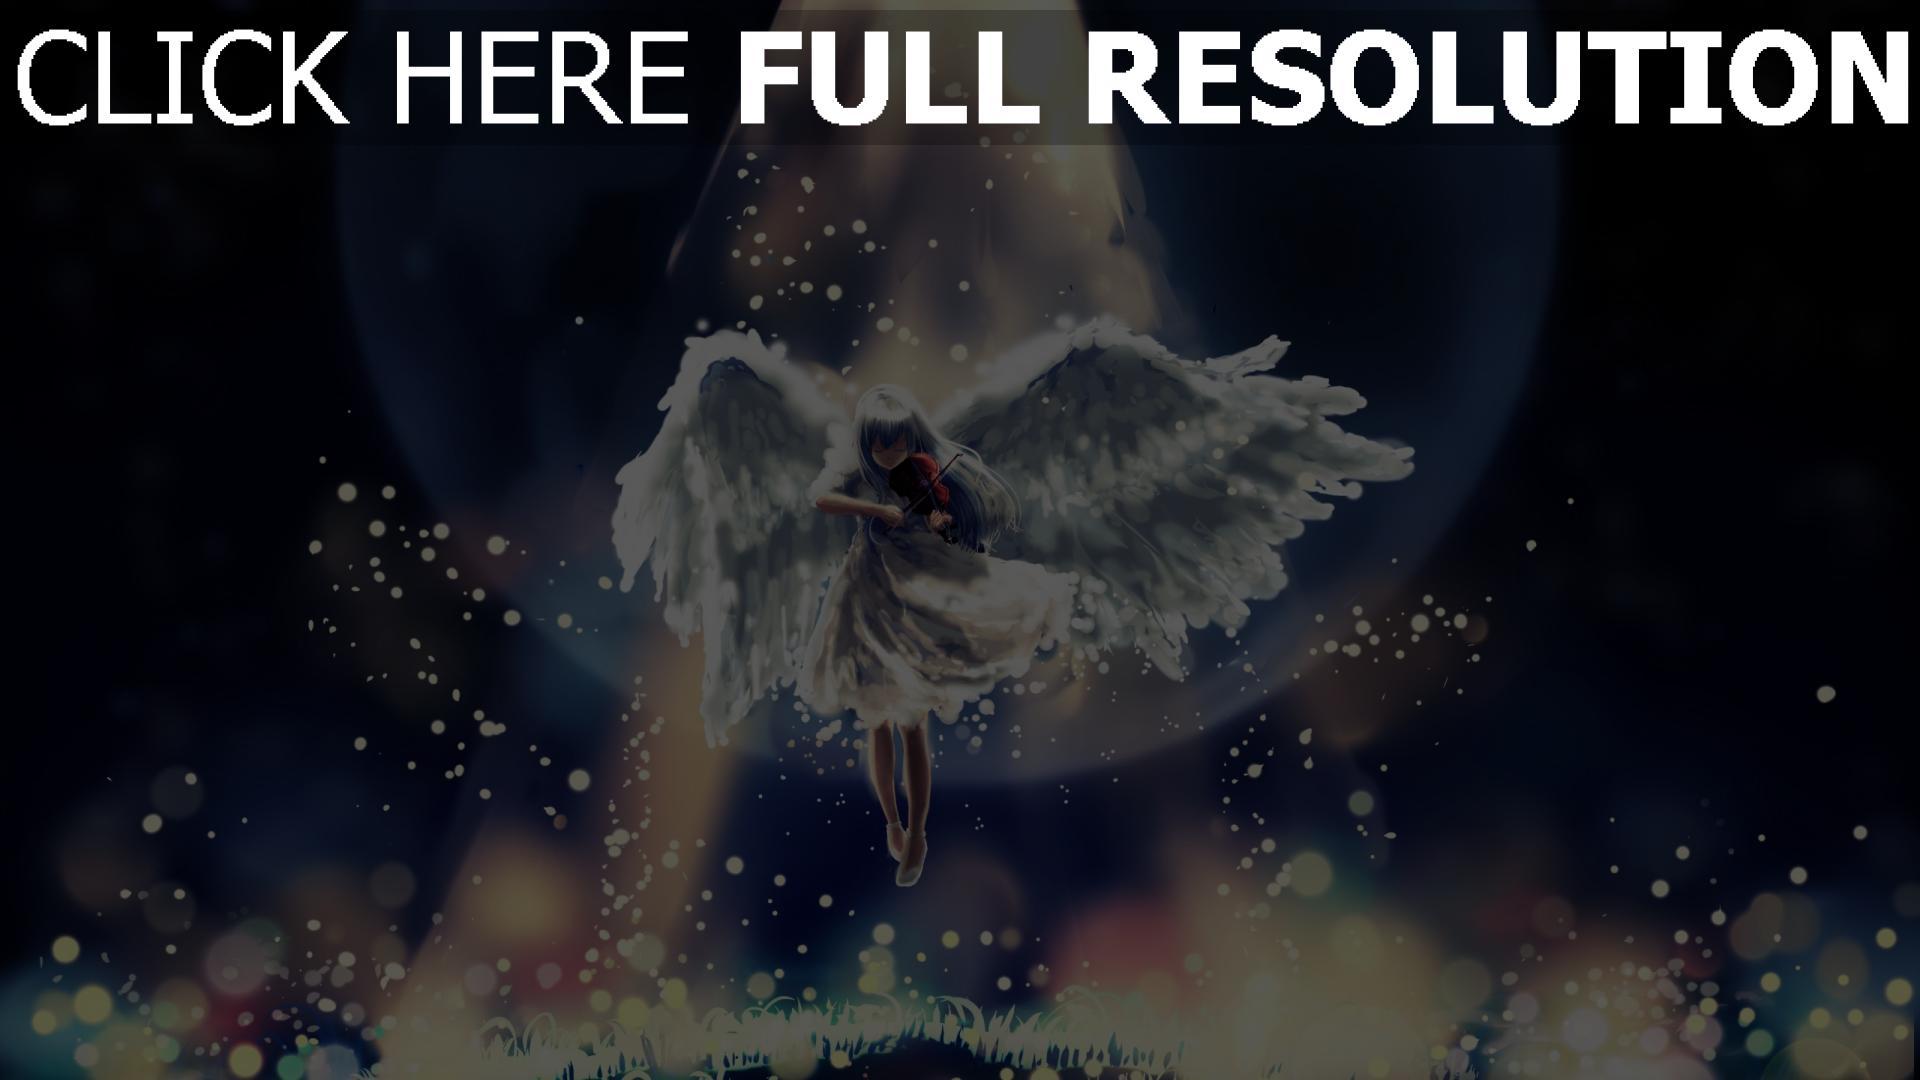 hd hintergrundbilder angel licht glühen schön dunkel 1920x1080